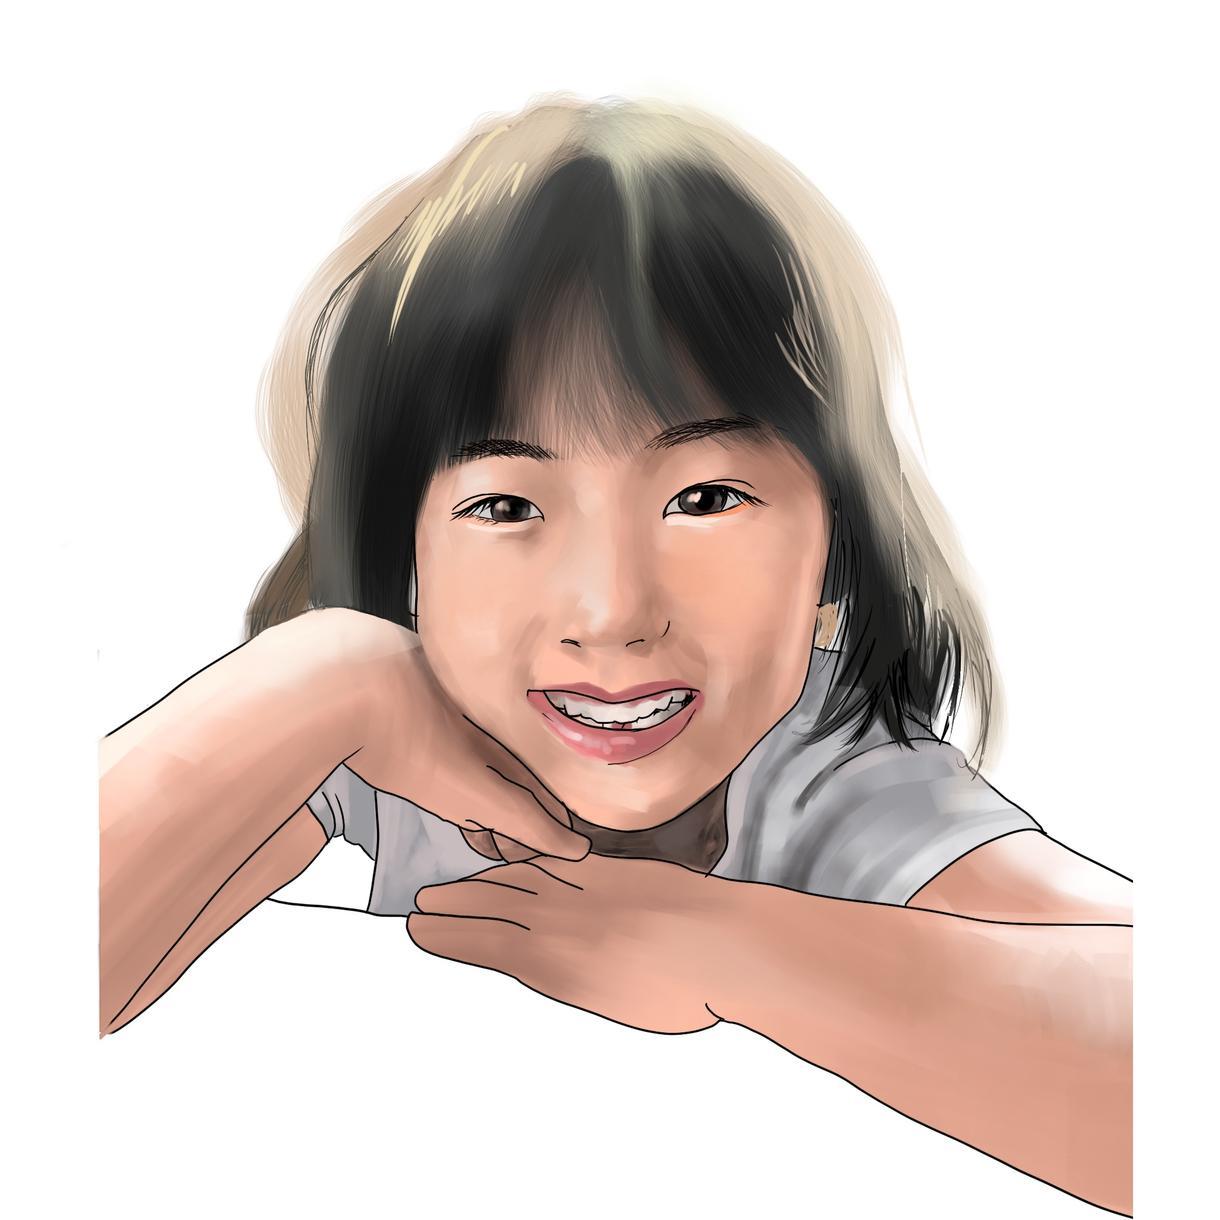 最短納期3日★商用OK★リアルな似顔絵描きます お気に入りの写真を絵画にしてより印象的残る1枚に仕上げます。